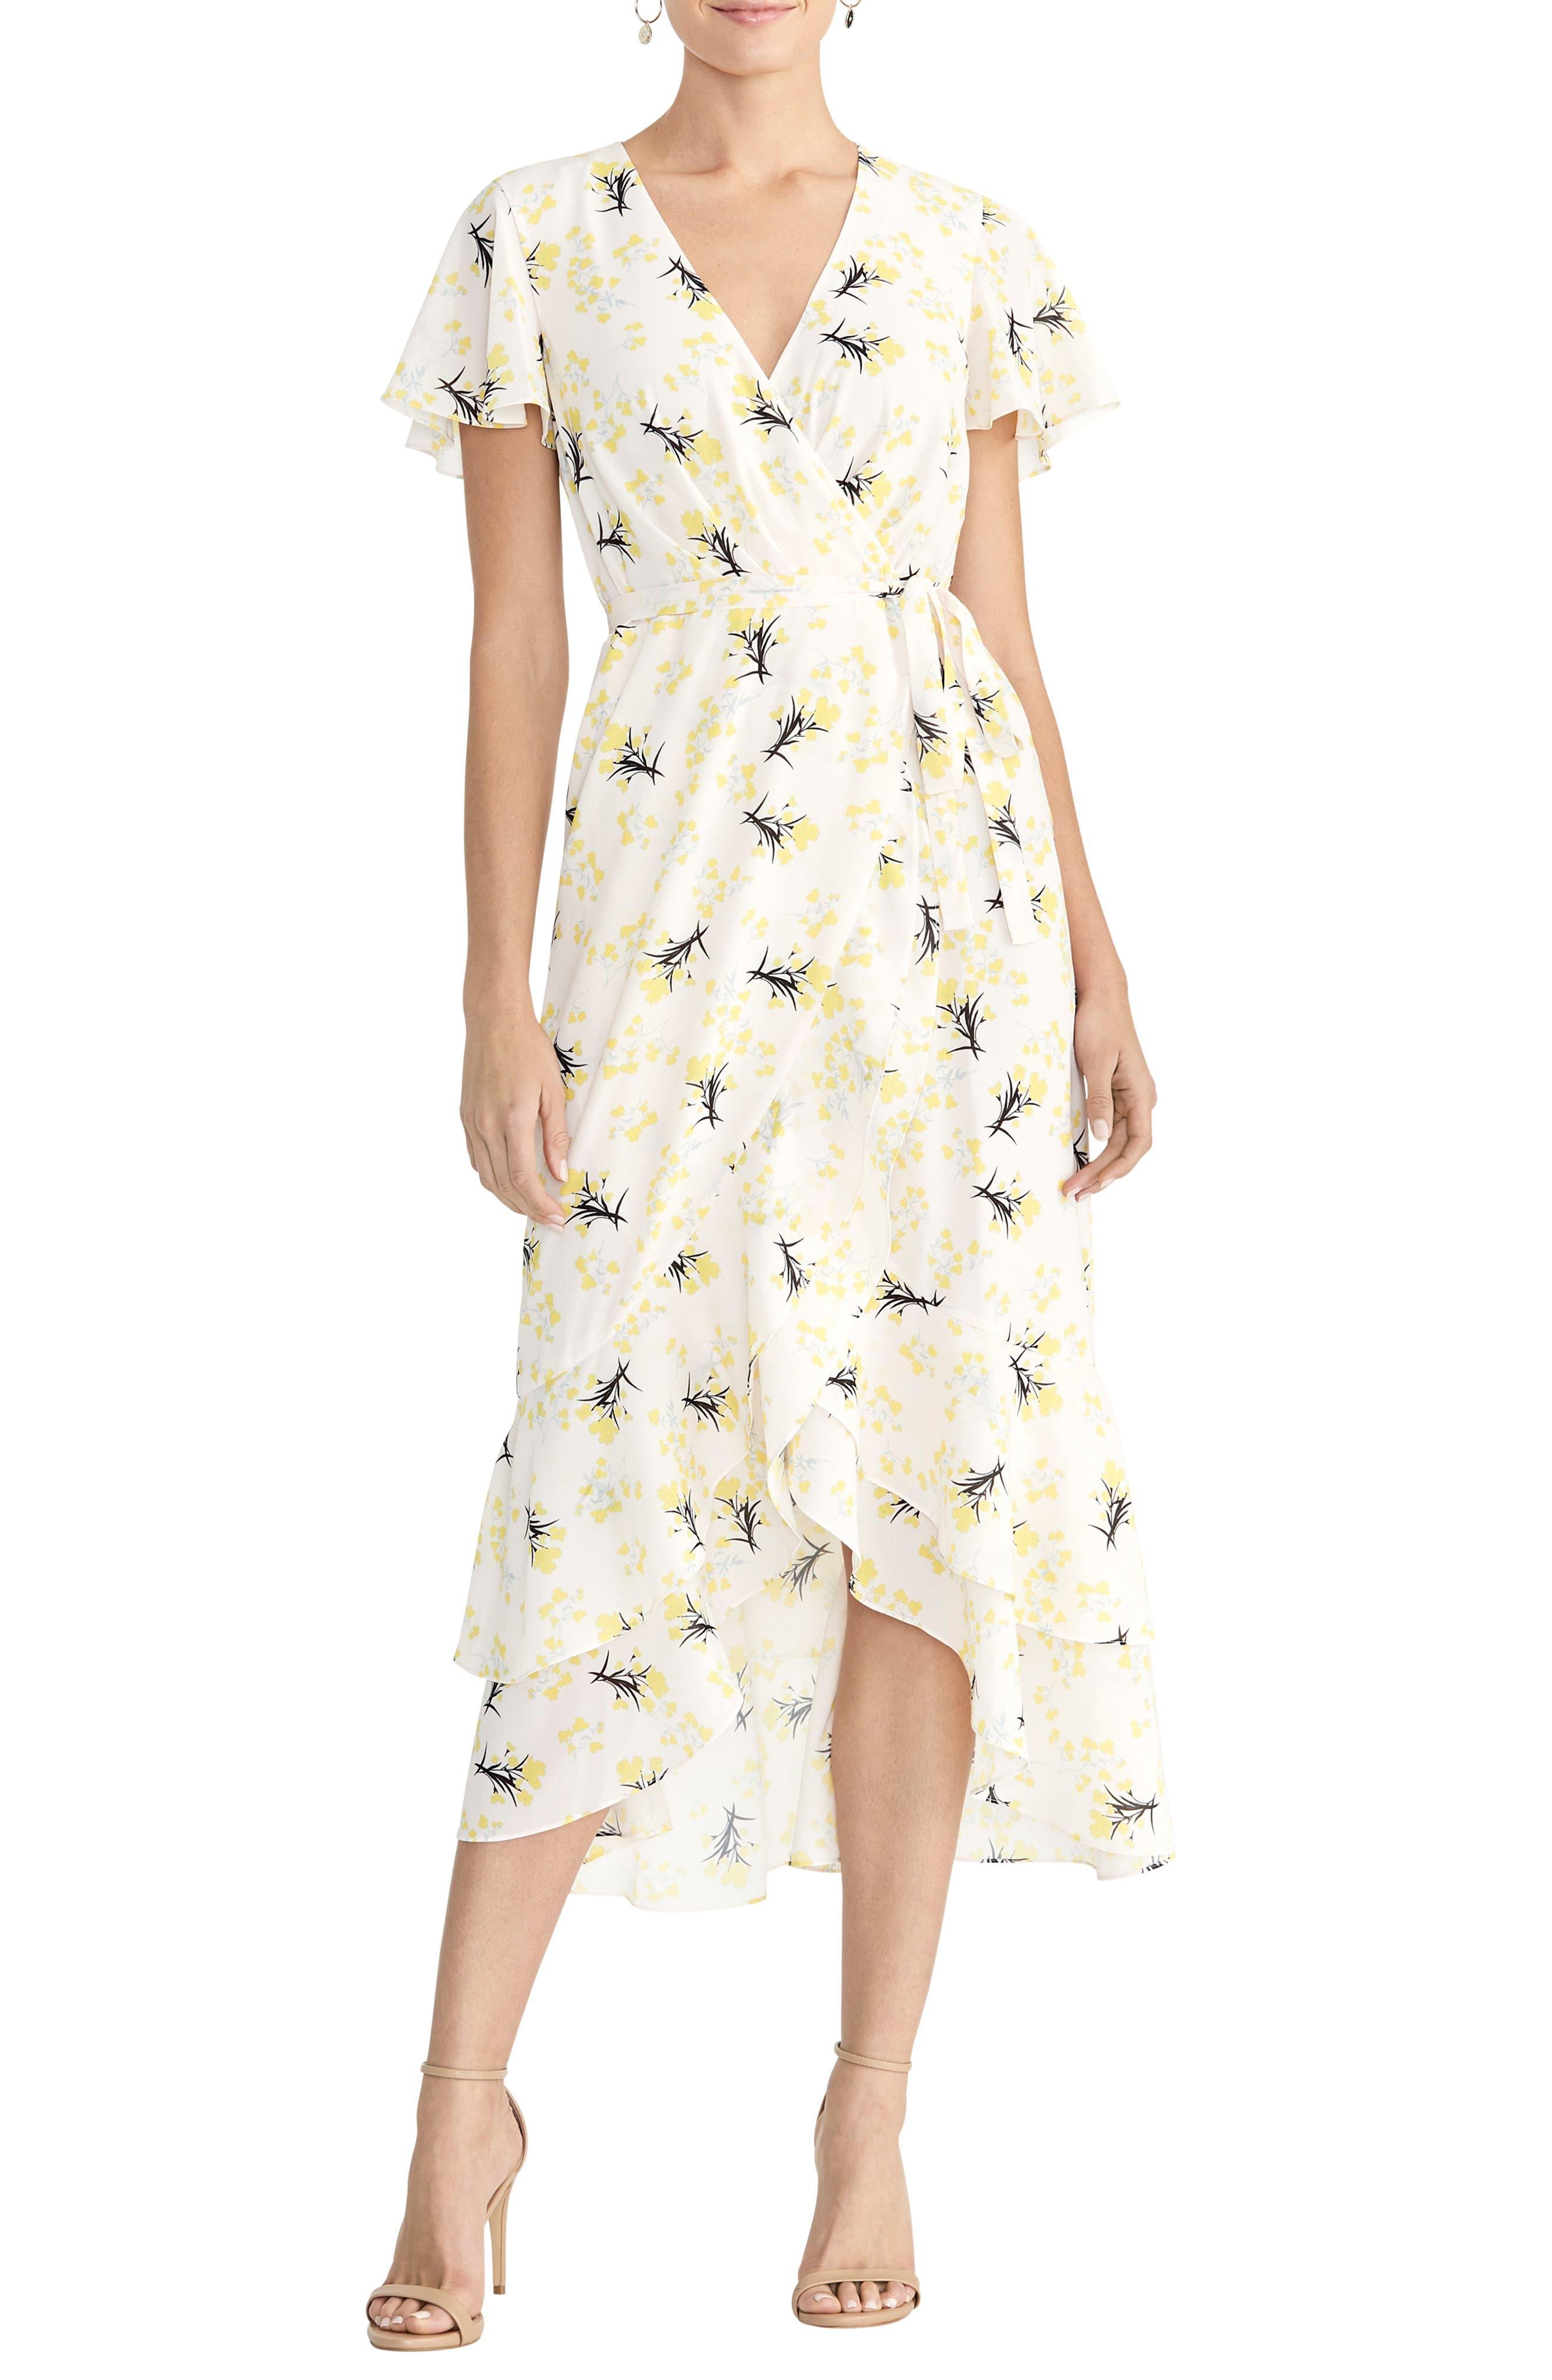 1930s Day Dresses, Tea Dresses, House Dresses Womens Rachel Rachel Roy Faux Wrap Midi Dress $149.00 AT vintagedancer.com